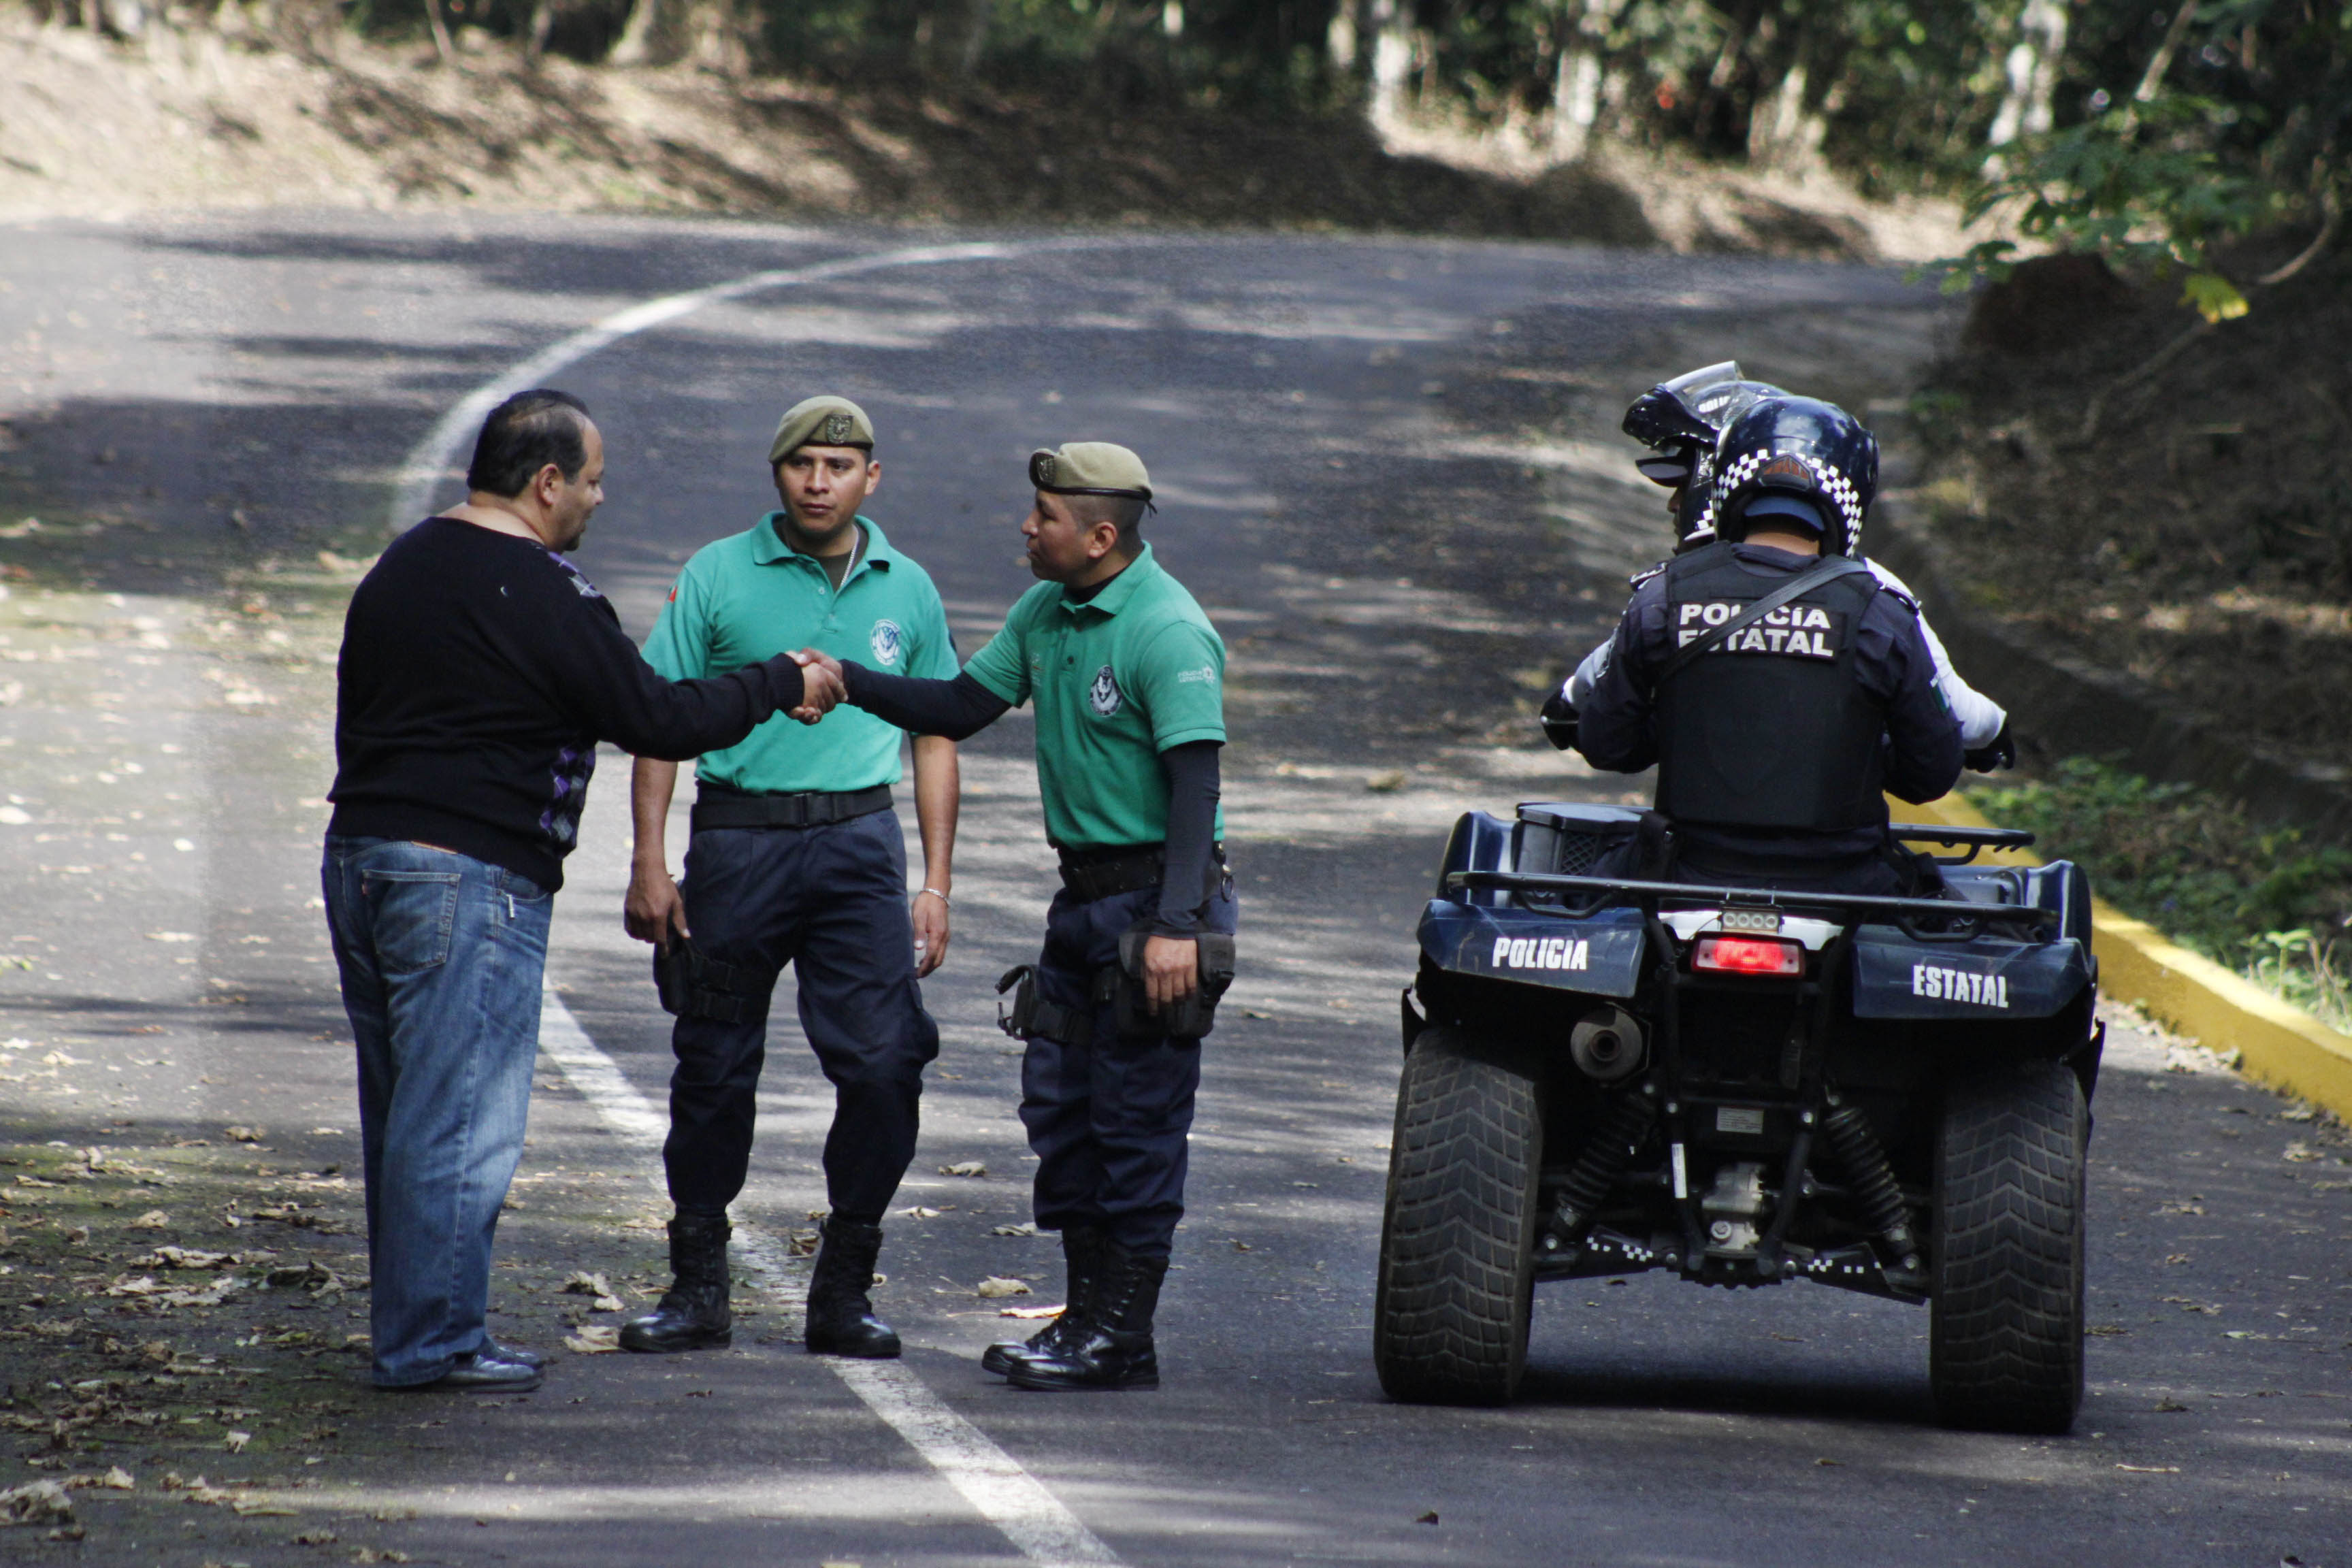 Guarda parques resguardan la seguridad en el Parque Natura